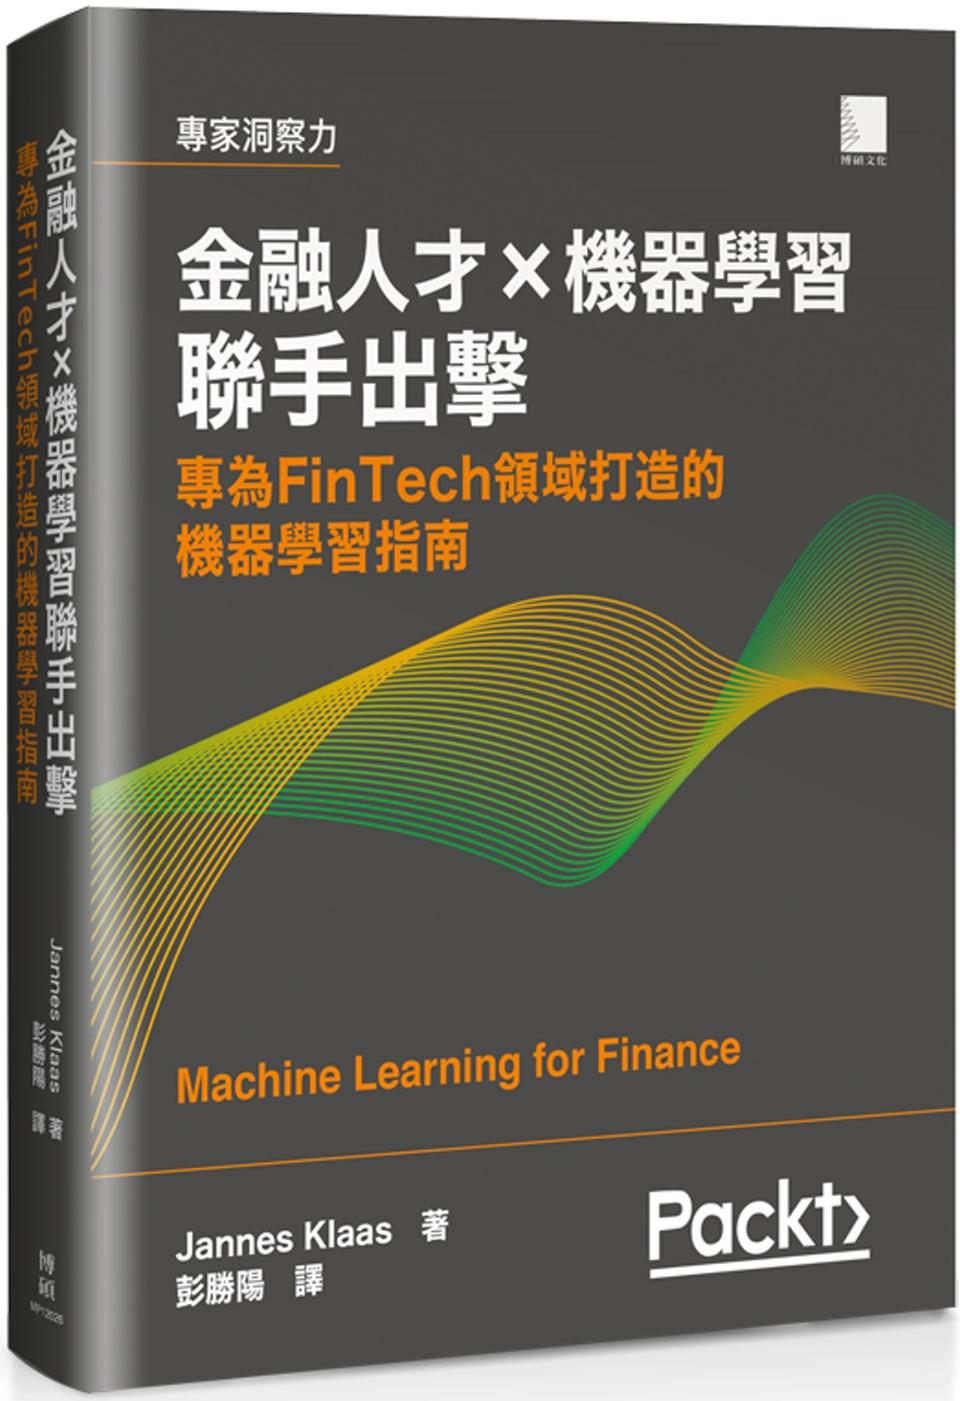 金融人才×機器學習聯手出擊:專為FinTech領域打造的機器學習指南